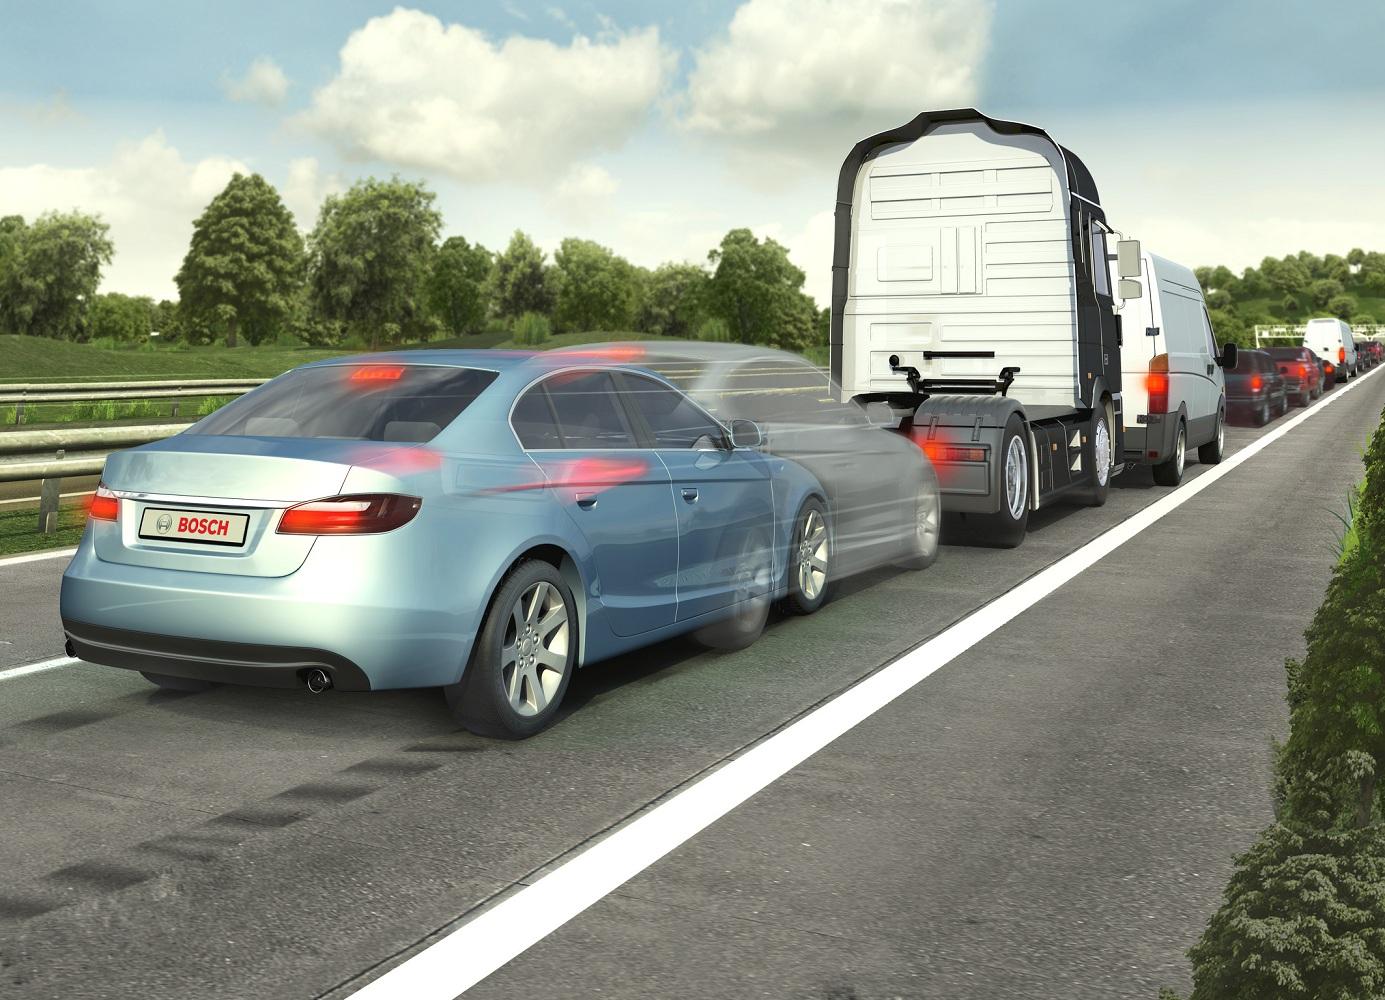 Système de freinage d'urgence Bosch